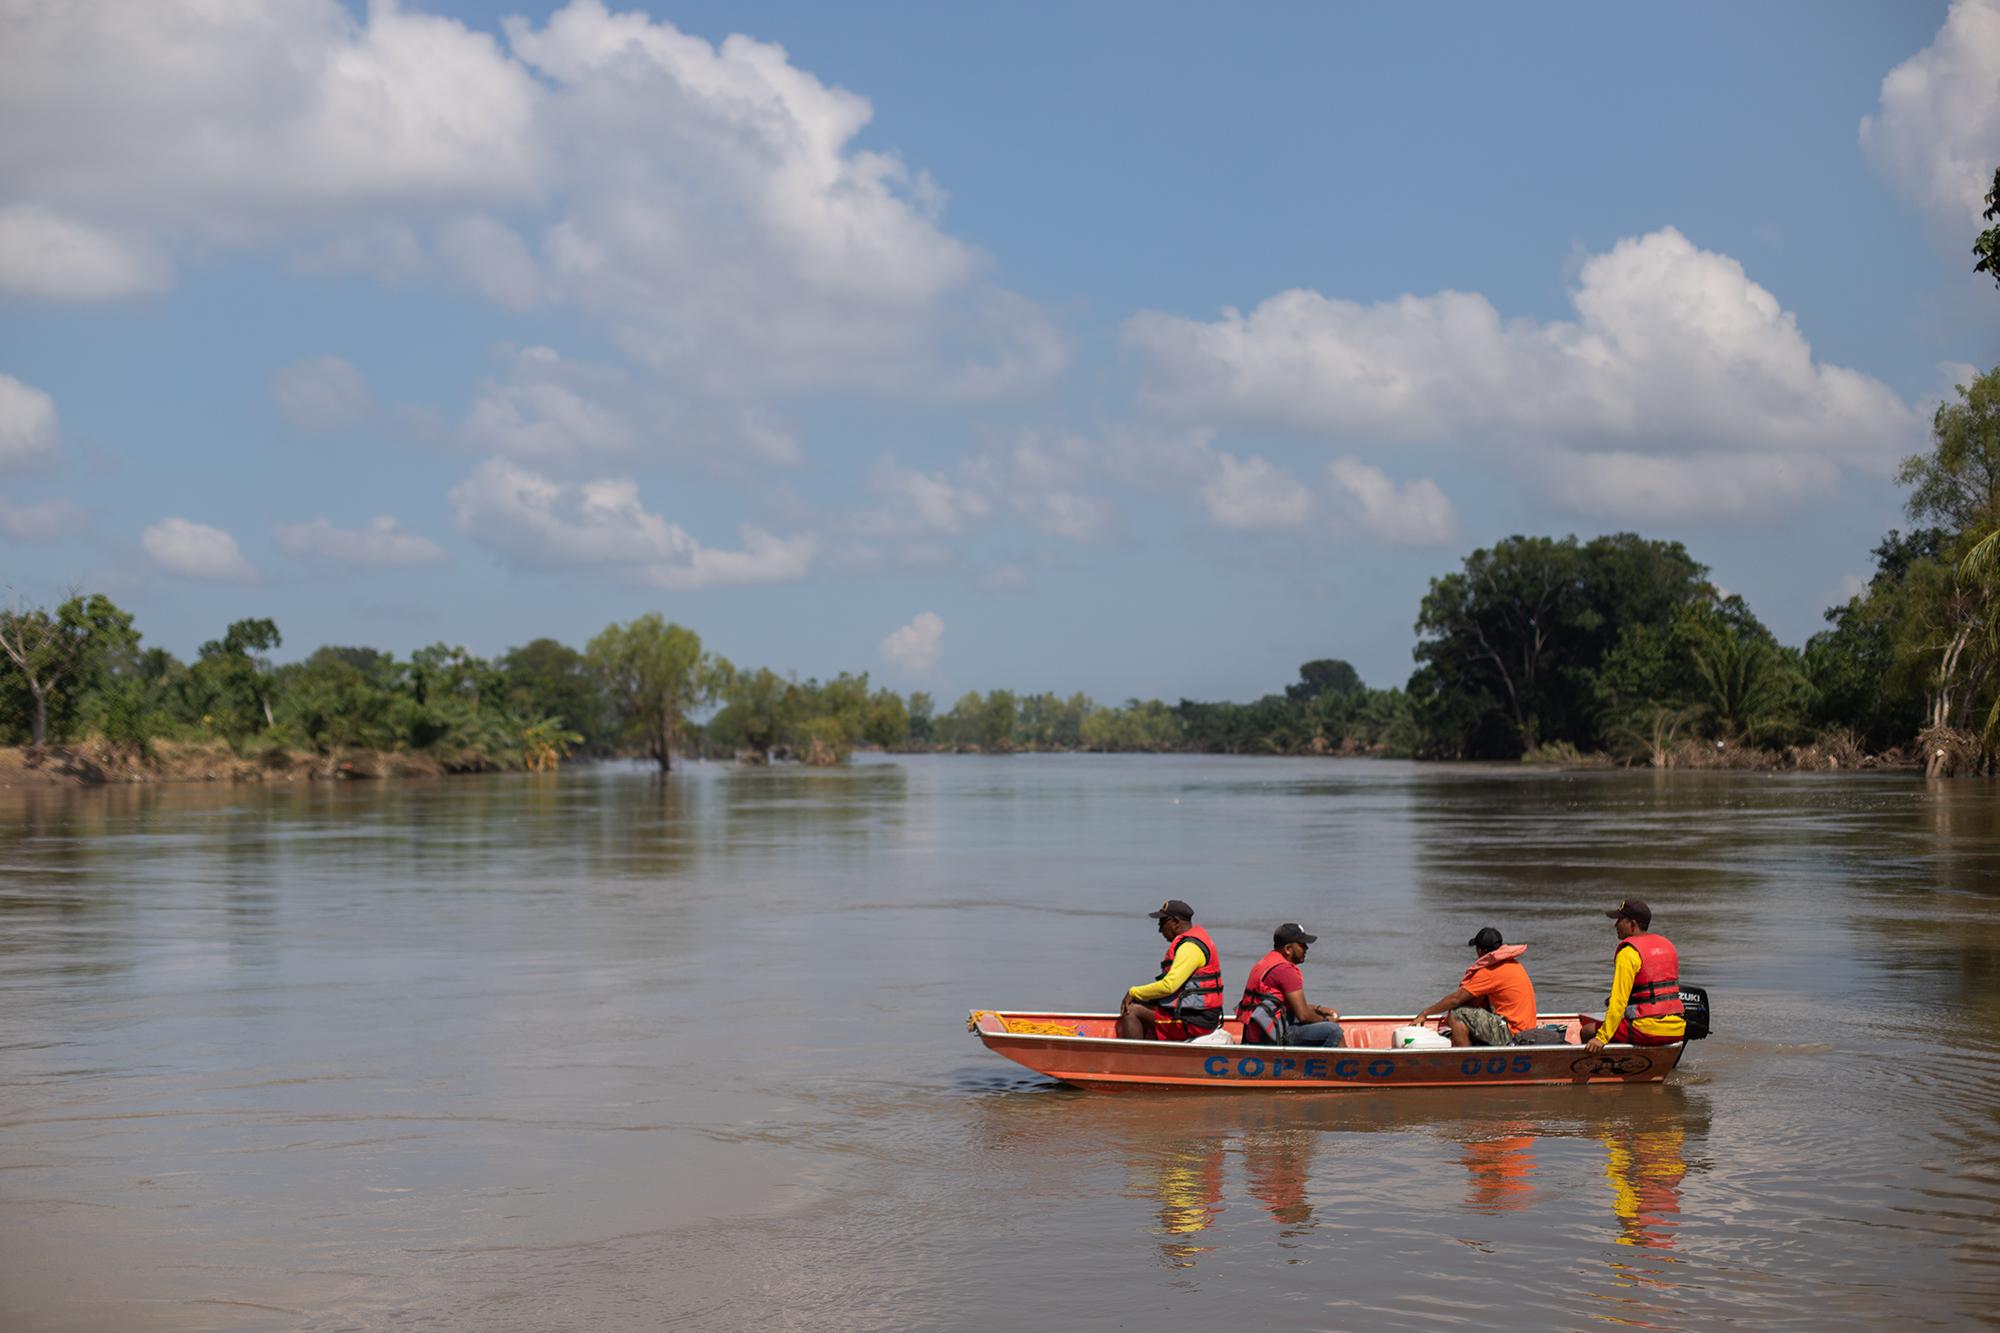 El Cuerpo de Bomberos de Baracoa, la Cruz Roja Hondureña y miembros de la Fuerza Naval de Honduras, realizan labores de rescate en las comunidades afectadas por la inundación luego del paso de la tormenta tropical Eta. Baracoa, Cortés, 15 de noviembre de 2020. Foto: Martín Cálix.